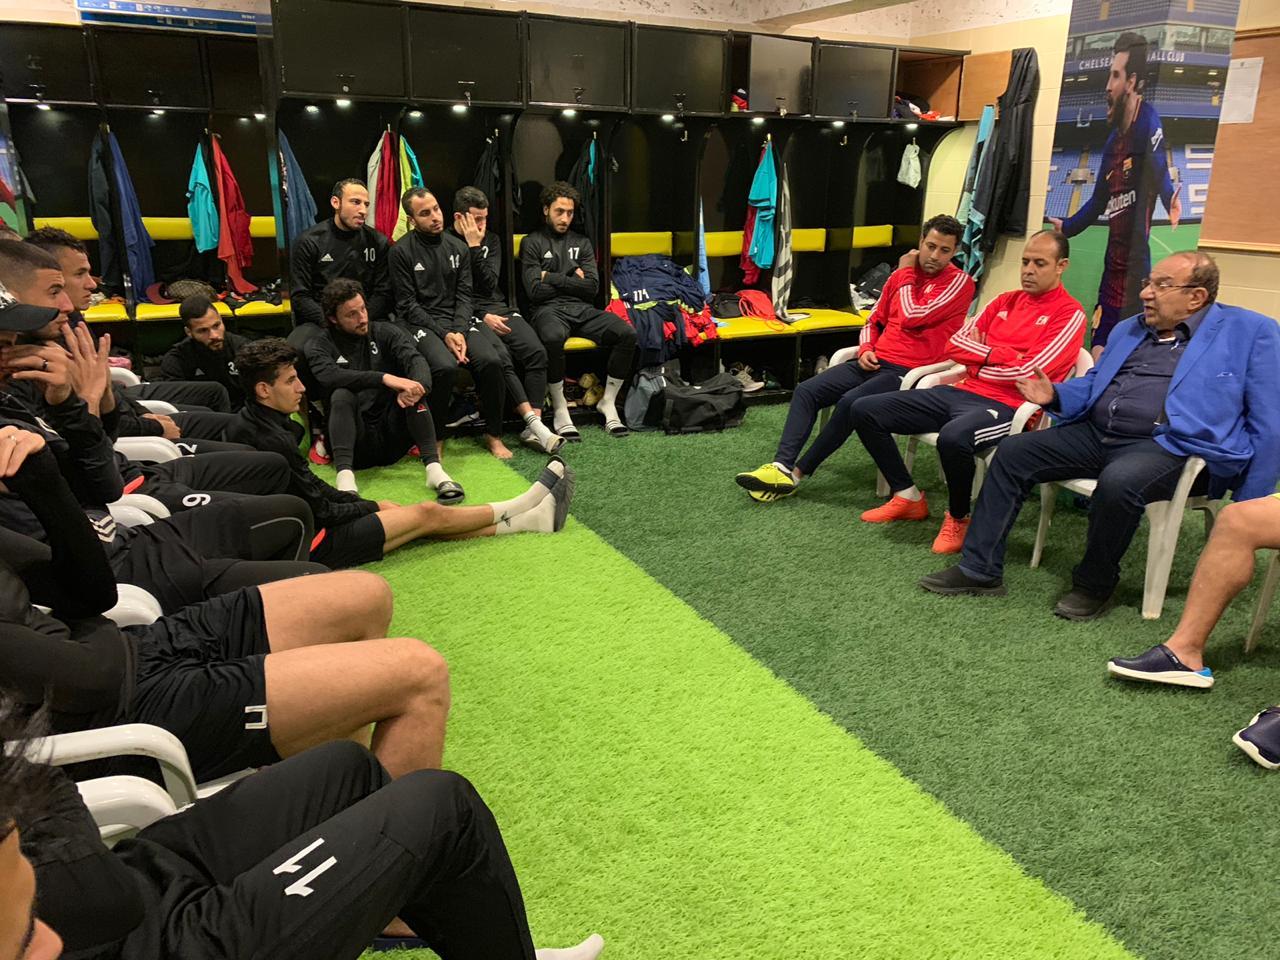 اجتماع المشرف العام على الكرة بالمقاولون مع اللاعبين